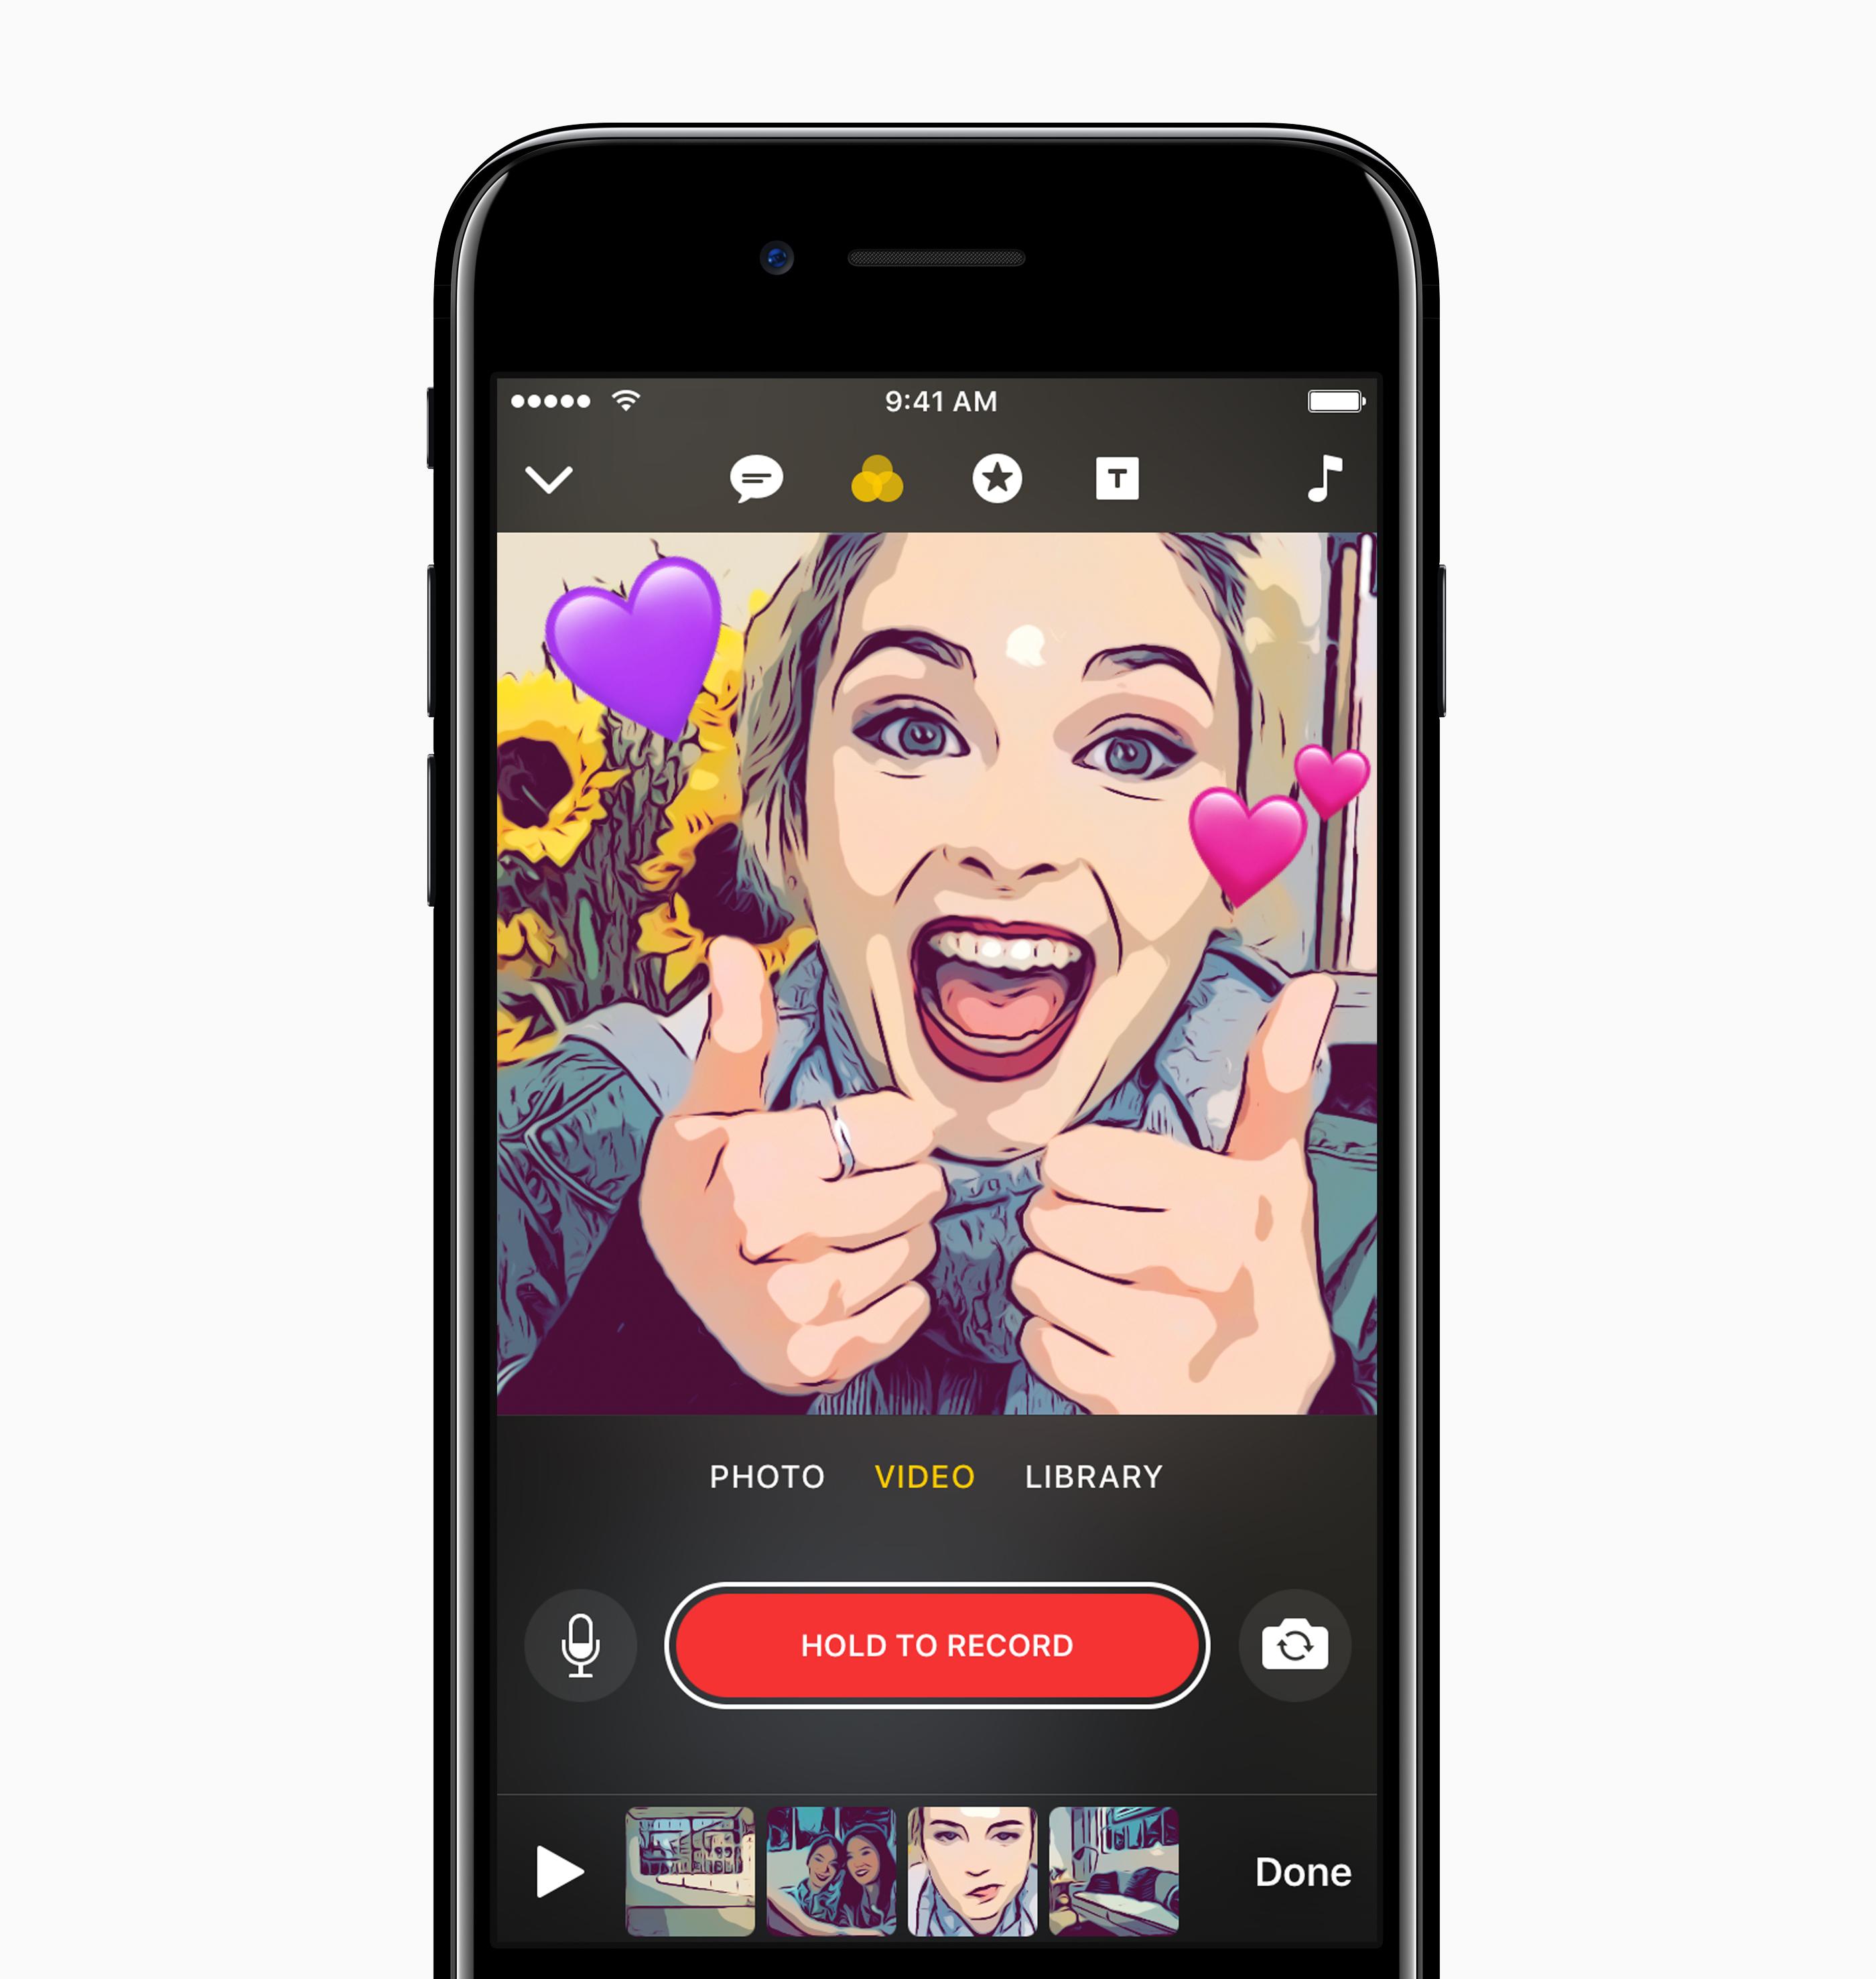 iOS 새로운 어플리케이션 Clips – 4월 출시